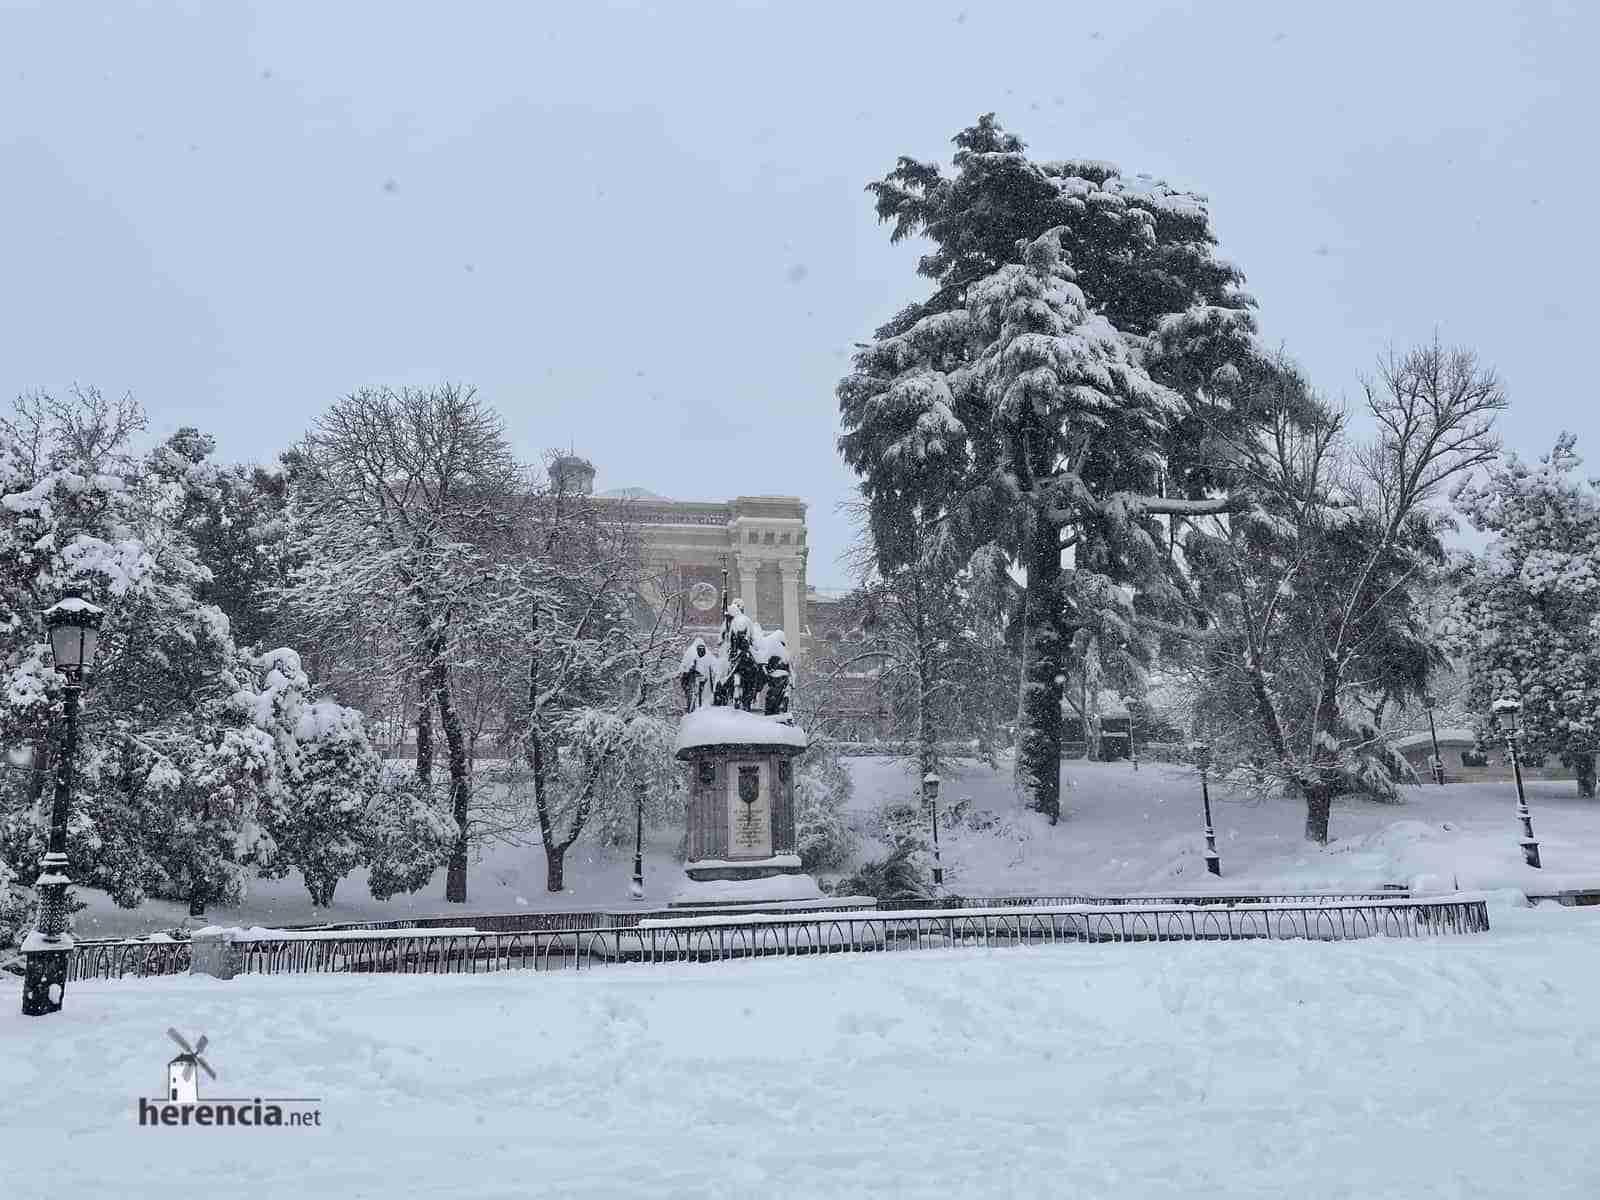 Fotografías de la nevada de enero en Madrid (España) 214